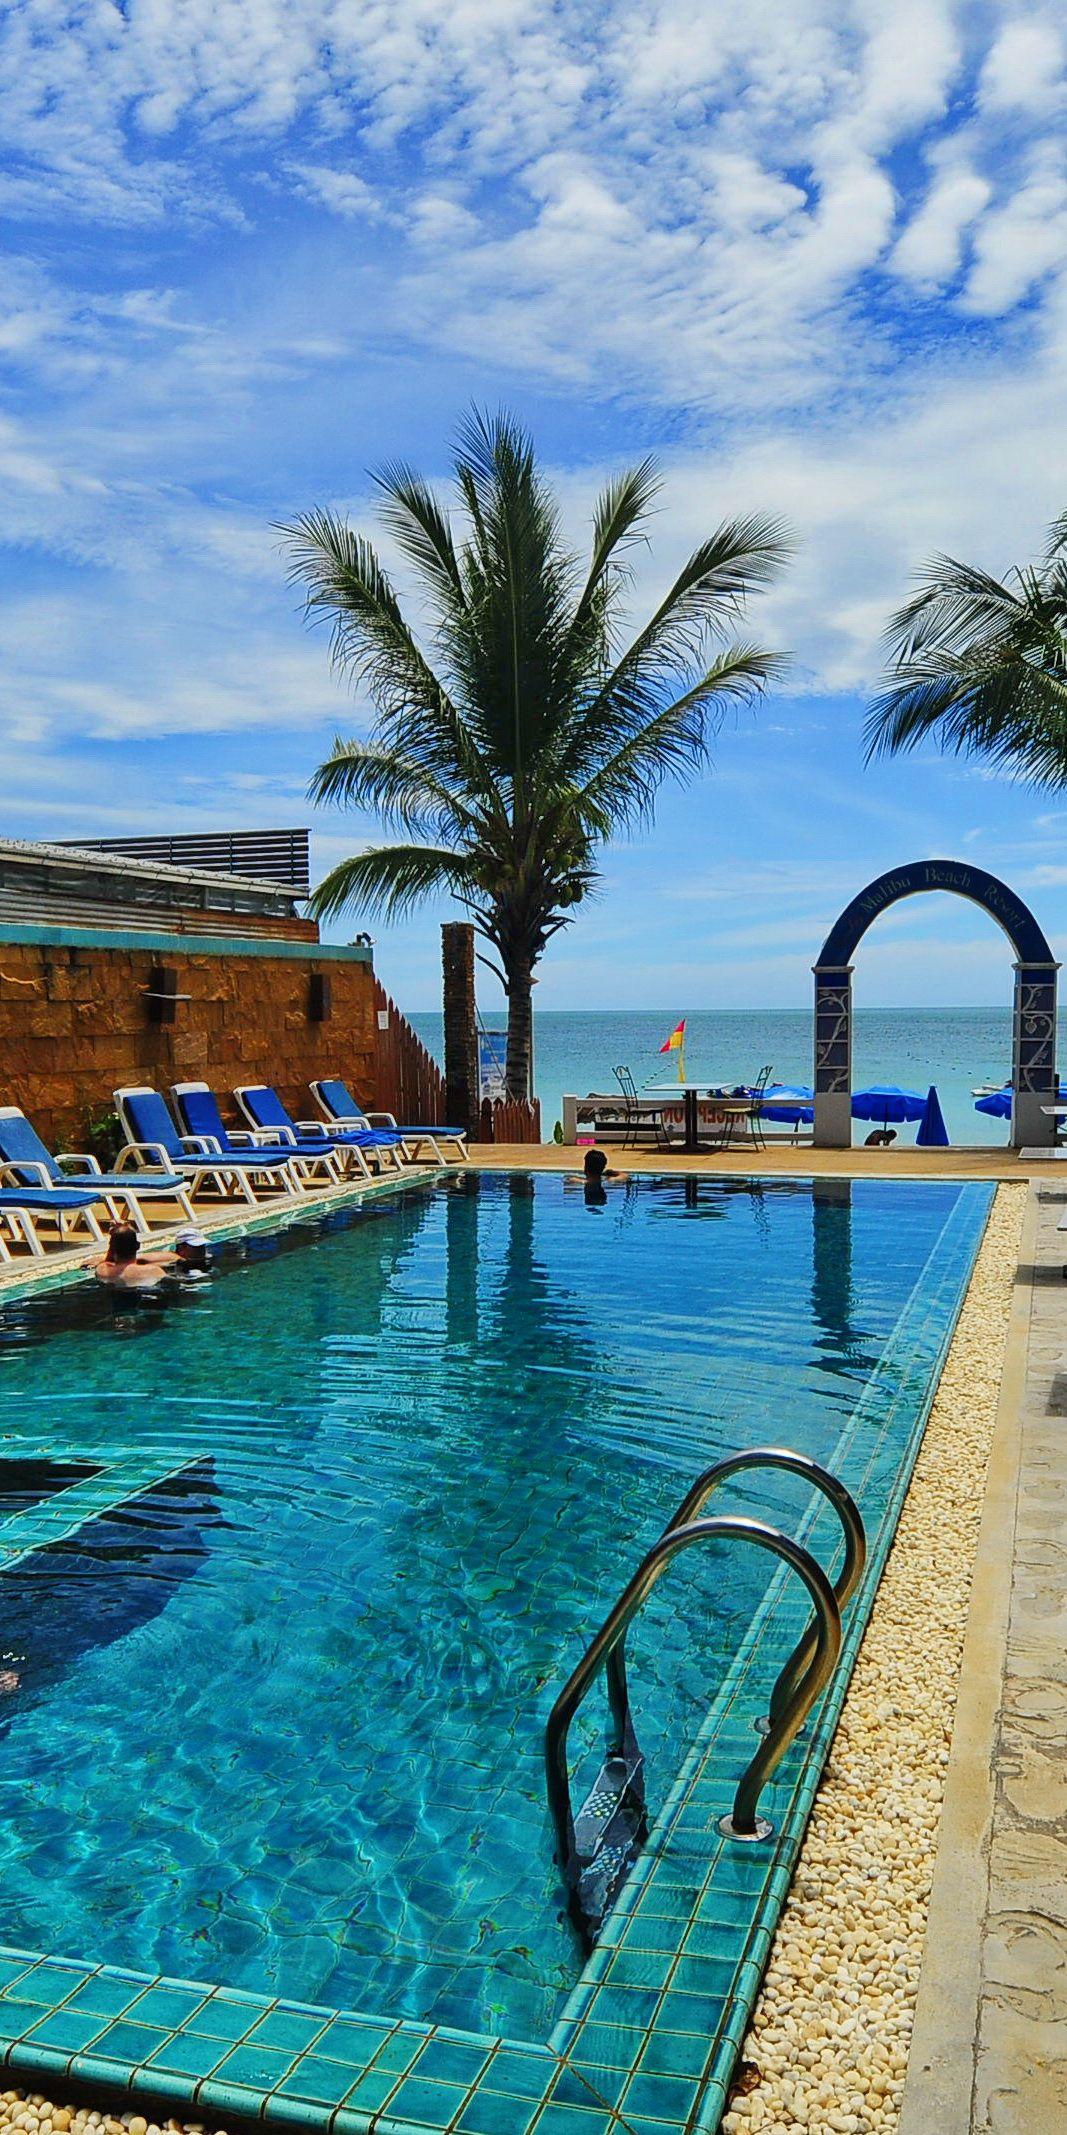 Malibu Beach Resort Chaweng Koh Samui Thailand